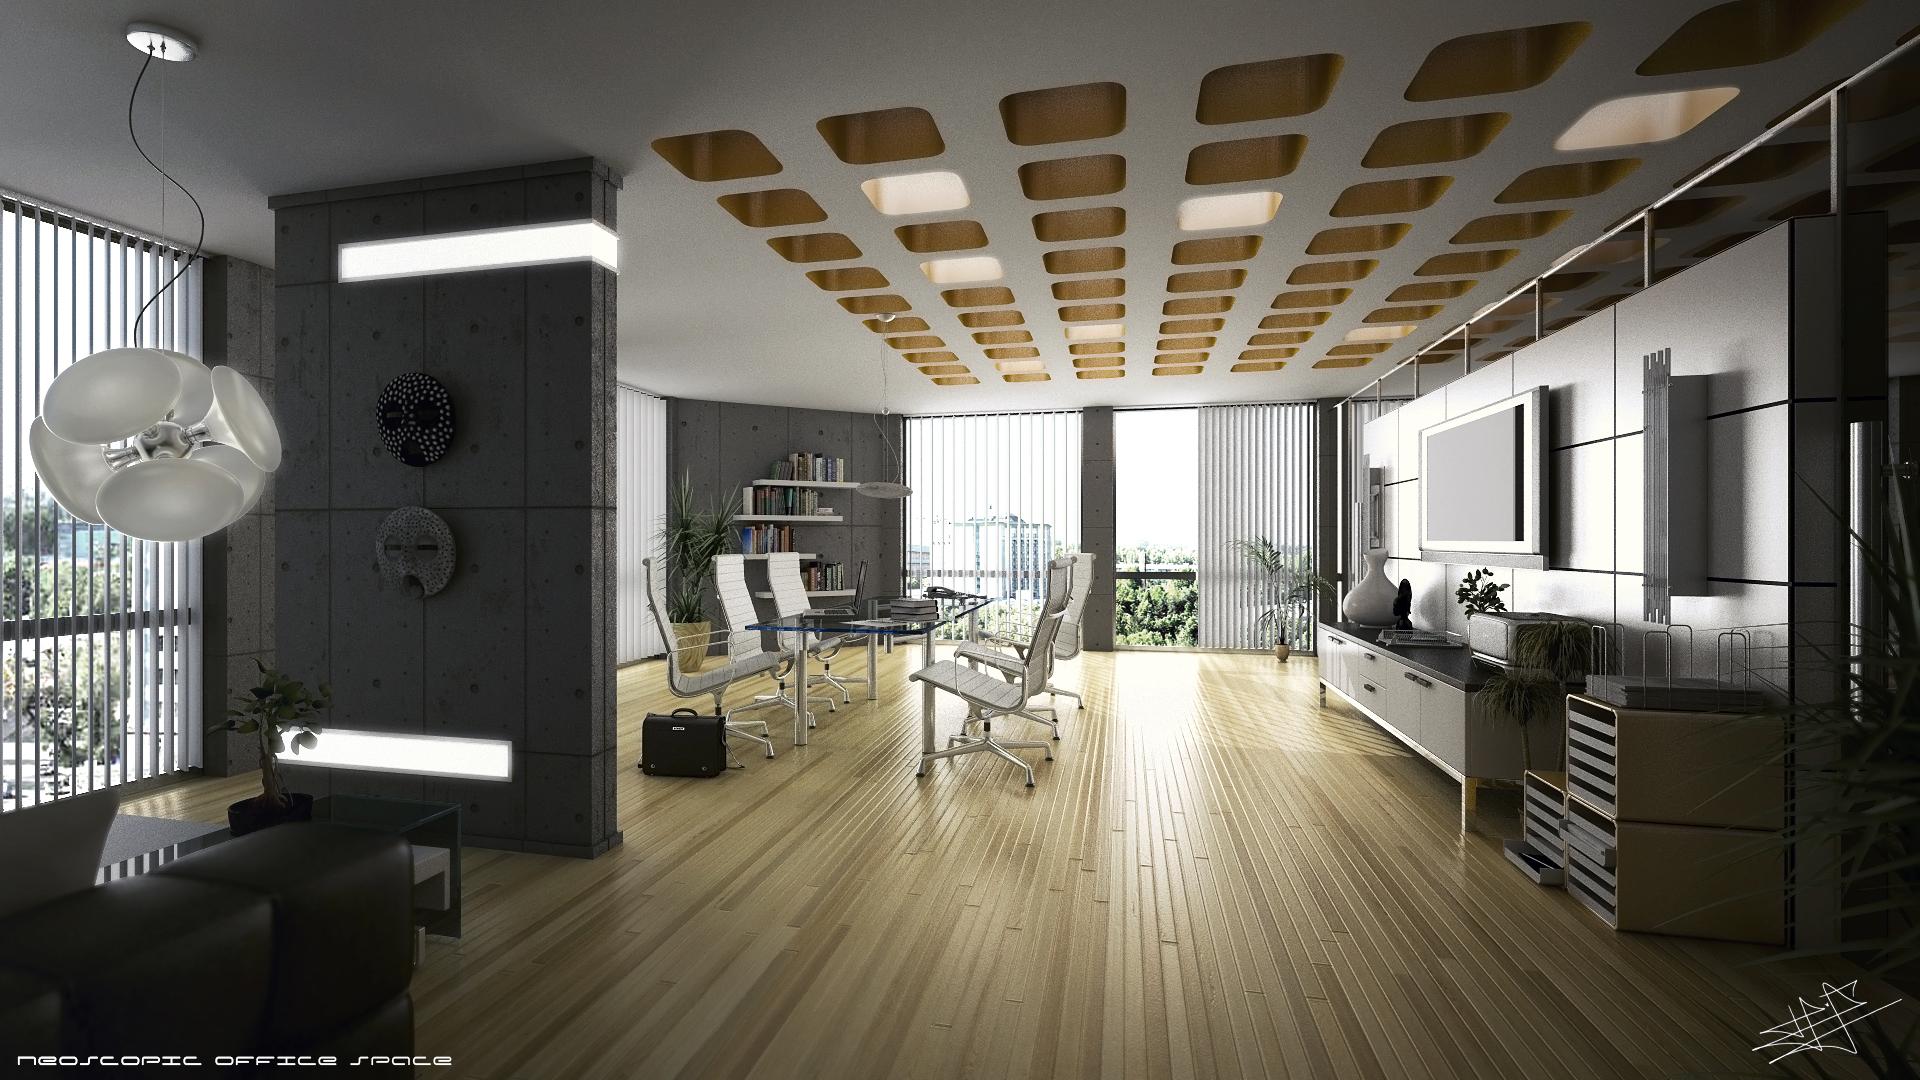 3D Office Space wallpaper   1393096 1920x1080